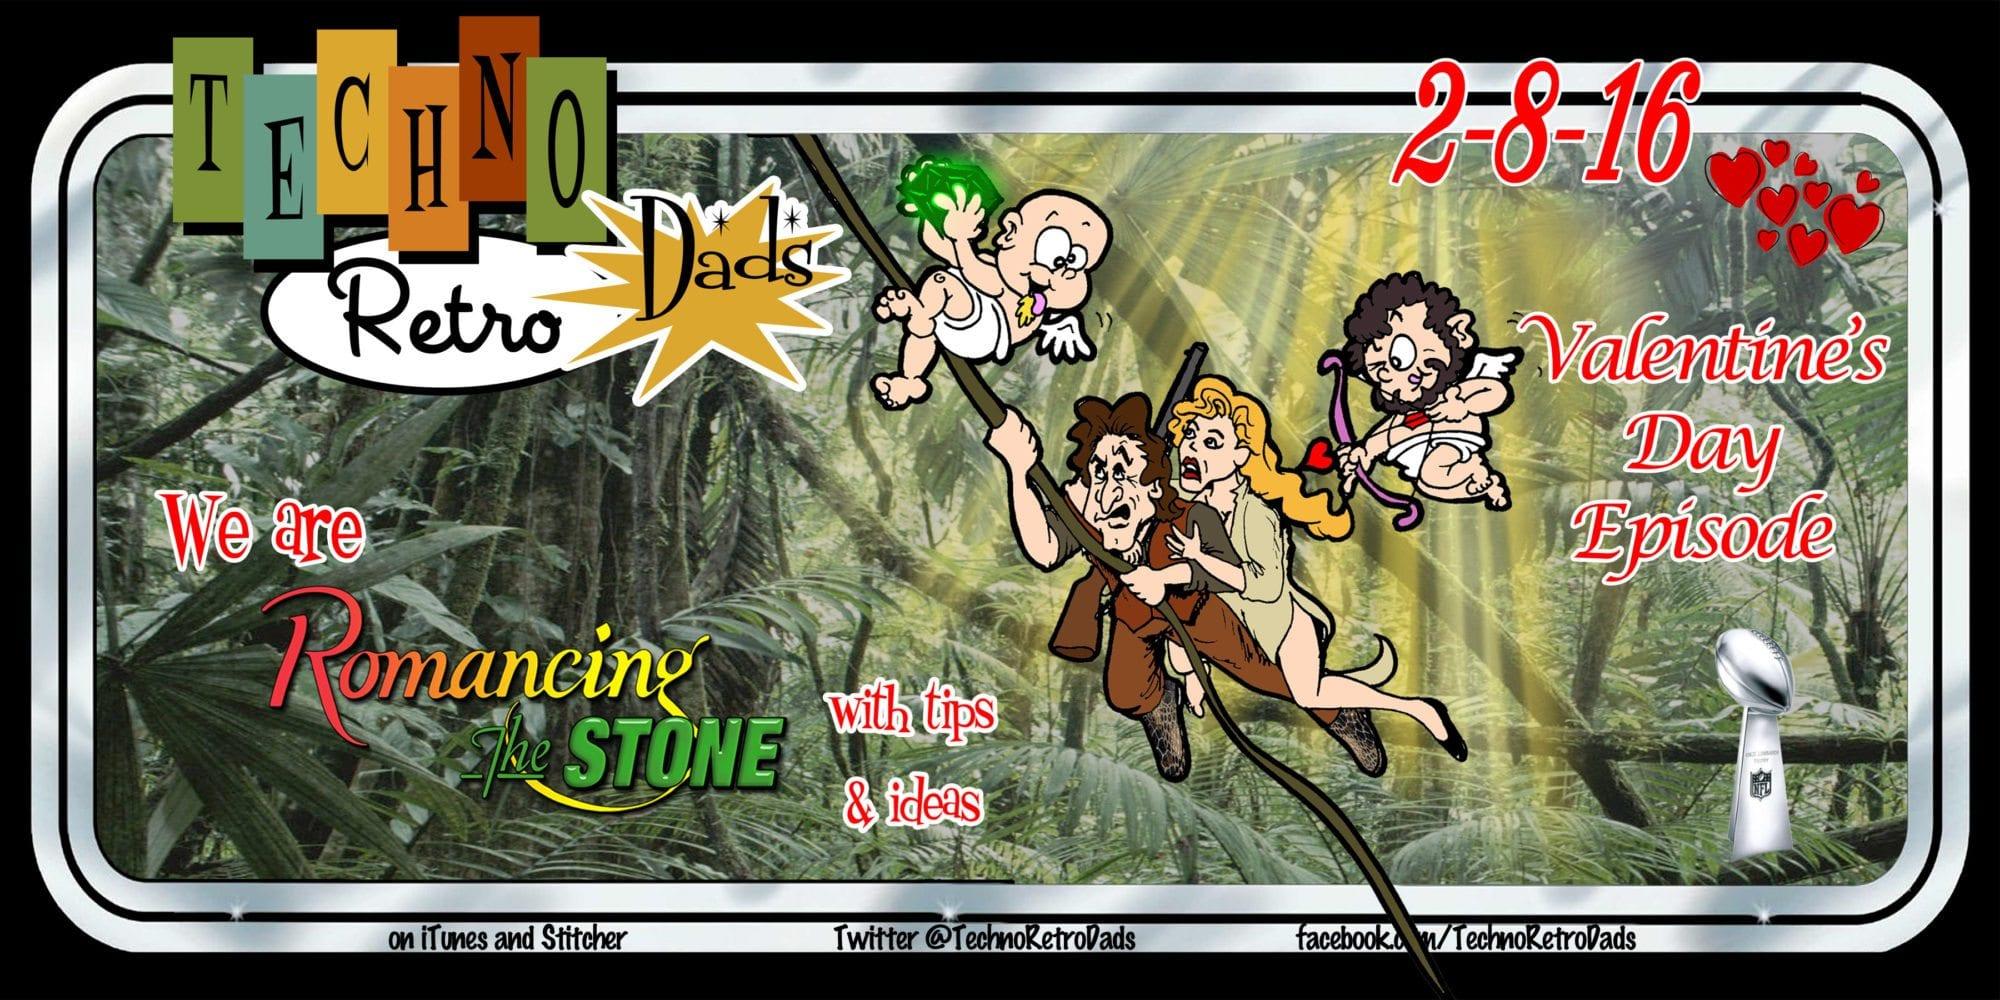 TechnoRetro Dads LOVE 1984's Romancing the Stone